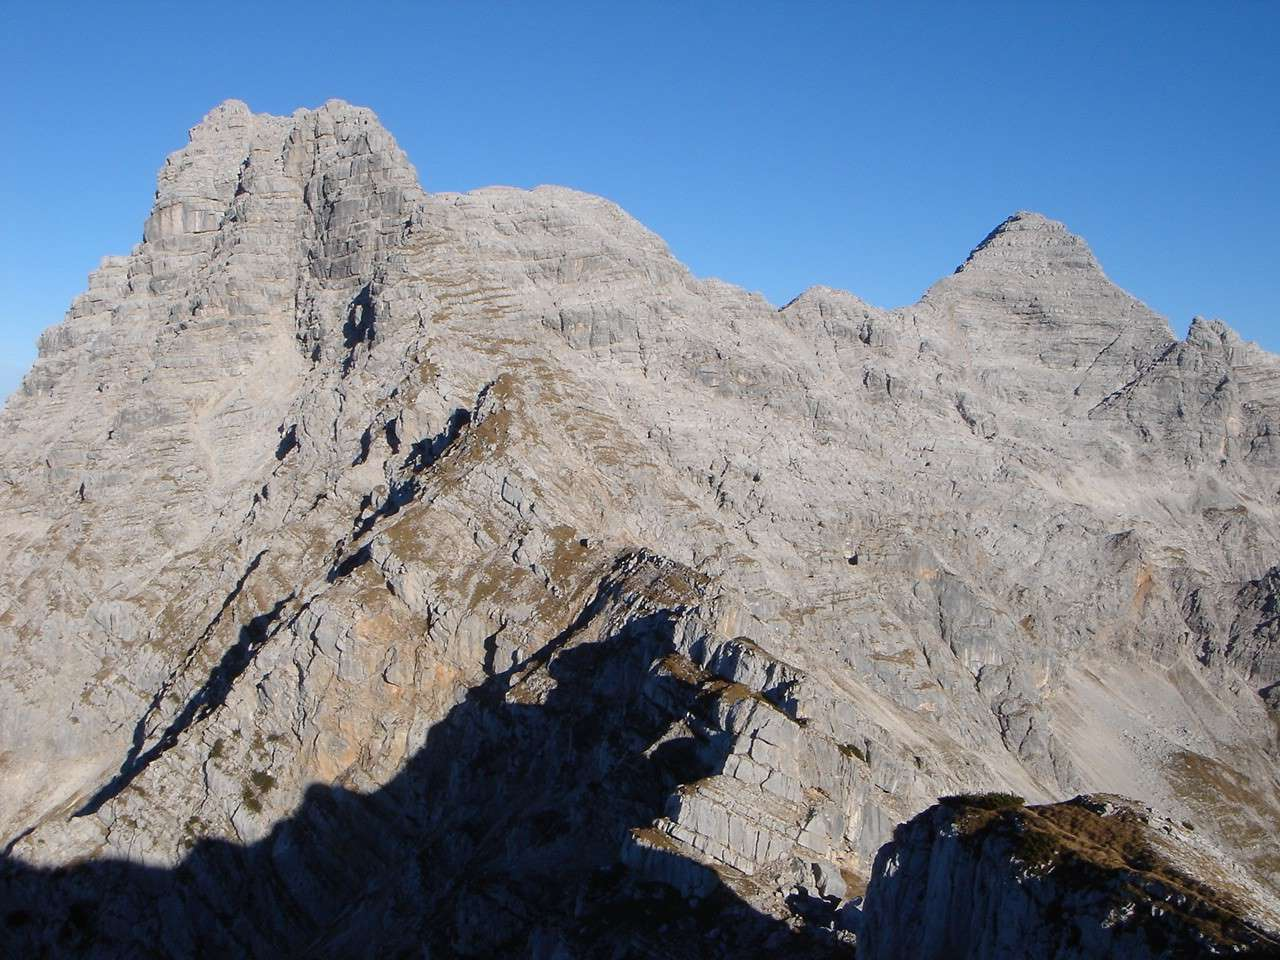 Foto: Manfred Karl / Wander Tour / Nurracher Höhenweg / Rückblick auf einen langen Weg / 19.06.2007 06:03:25